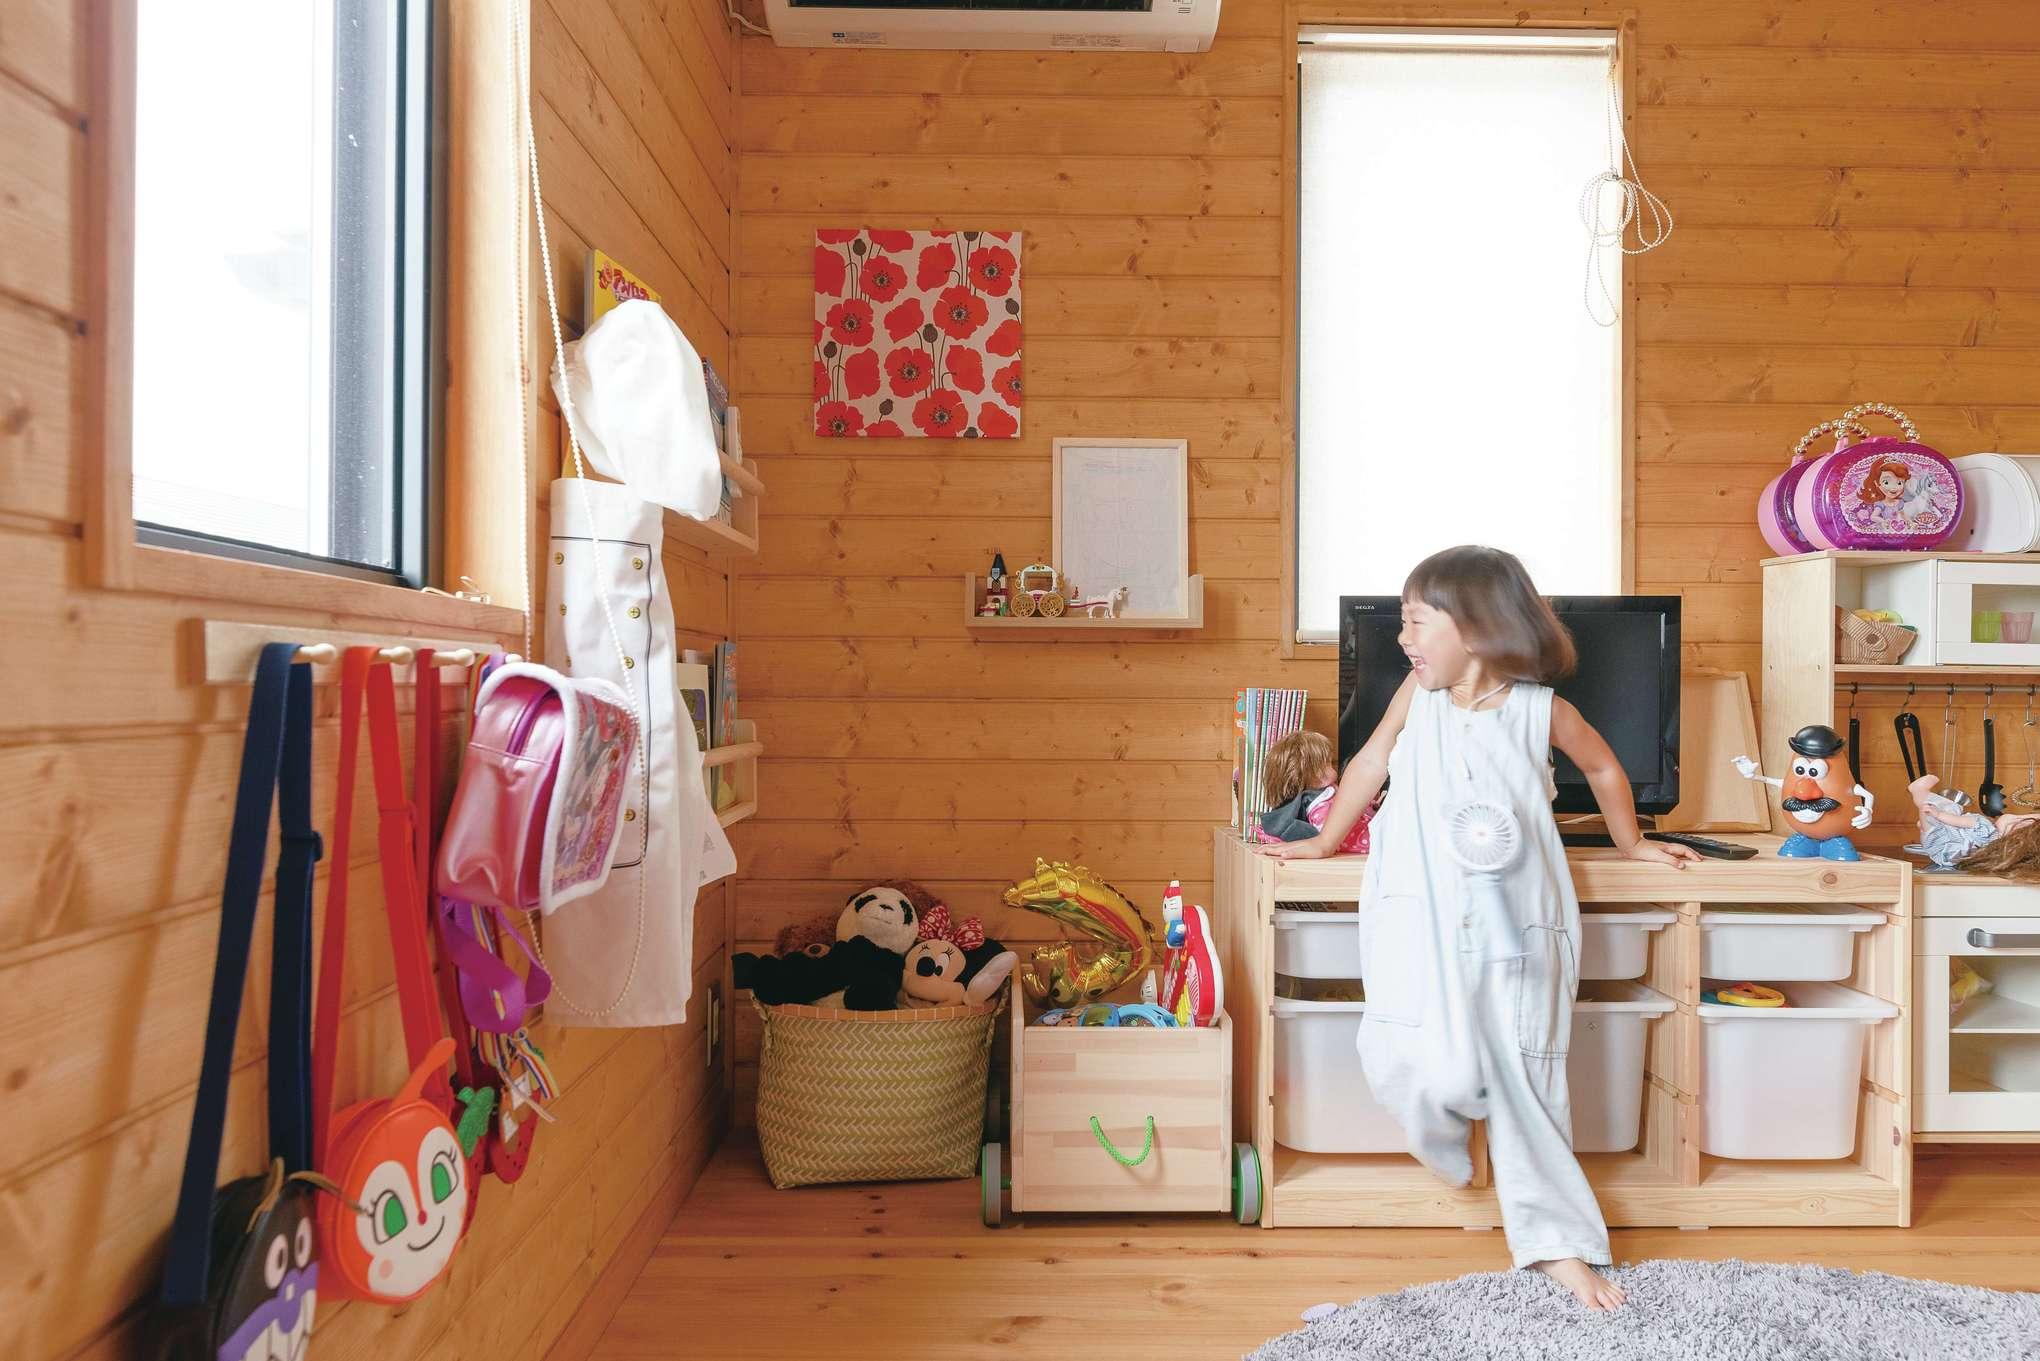 BESS浜松【子育て、インテリア、趣味】2階の子ども部屋は、一方を4歳になる双子の姉妹の遊び場として活用。IKEAのおもちゃや収納家具に、ご主人作の棚や木製フックが馴染む